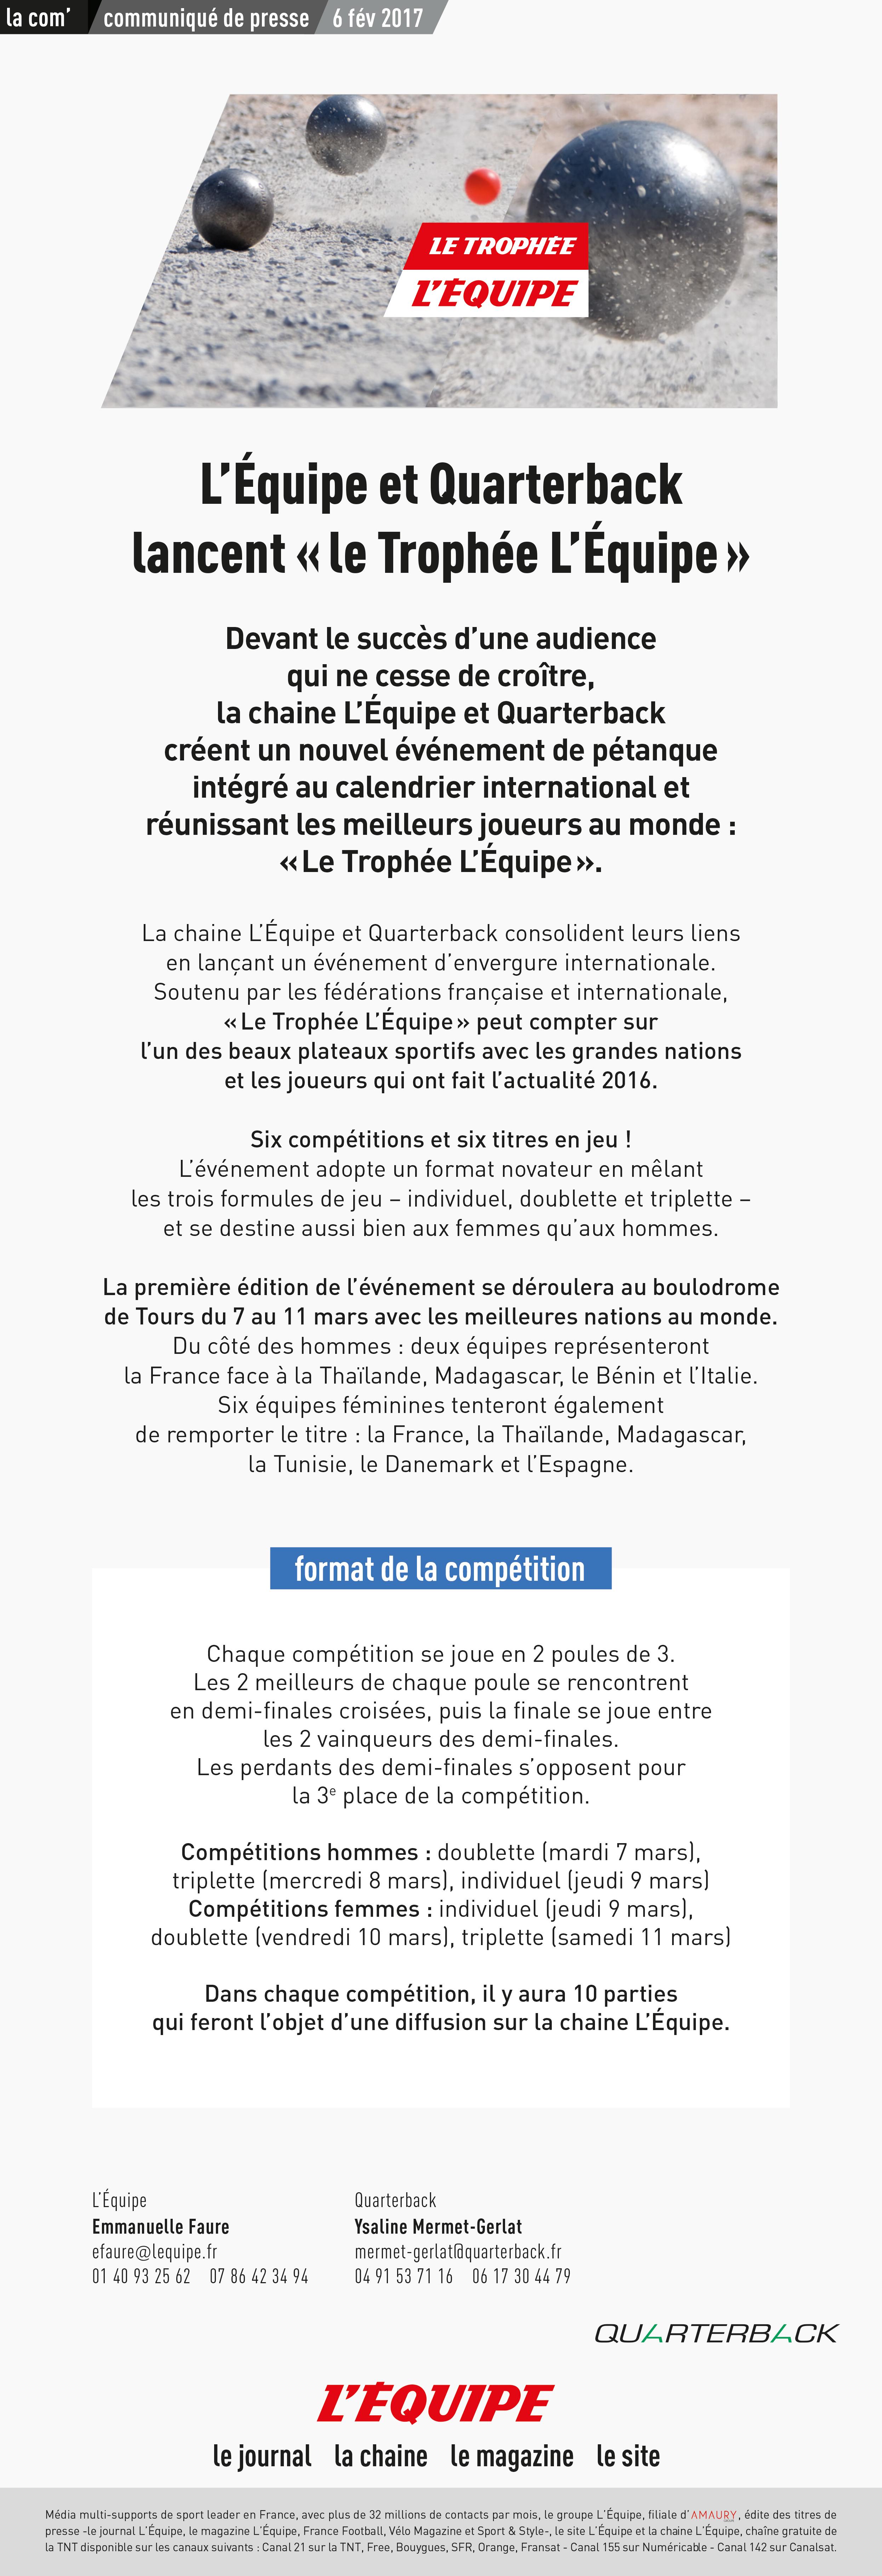 LEquipeQuarterback_TropheeLEquipe